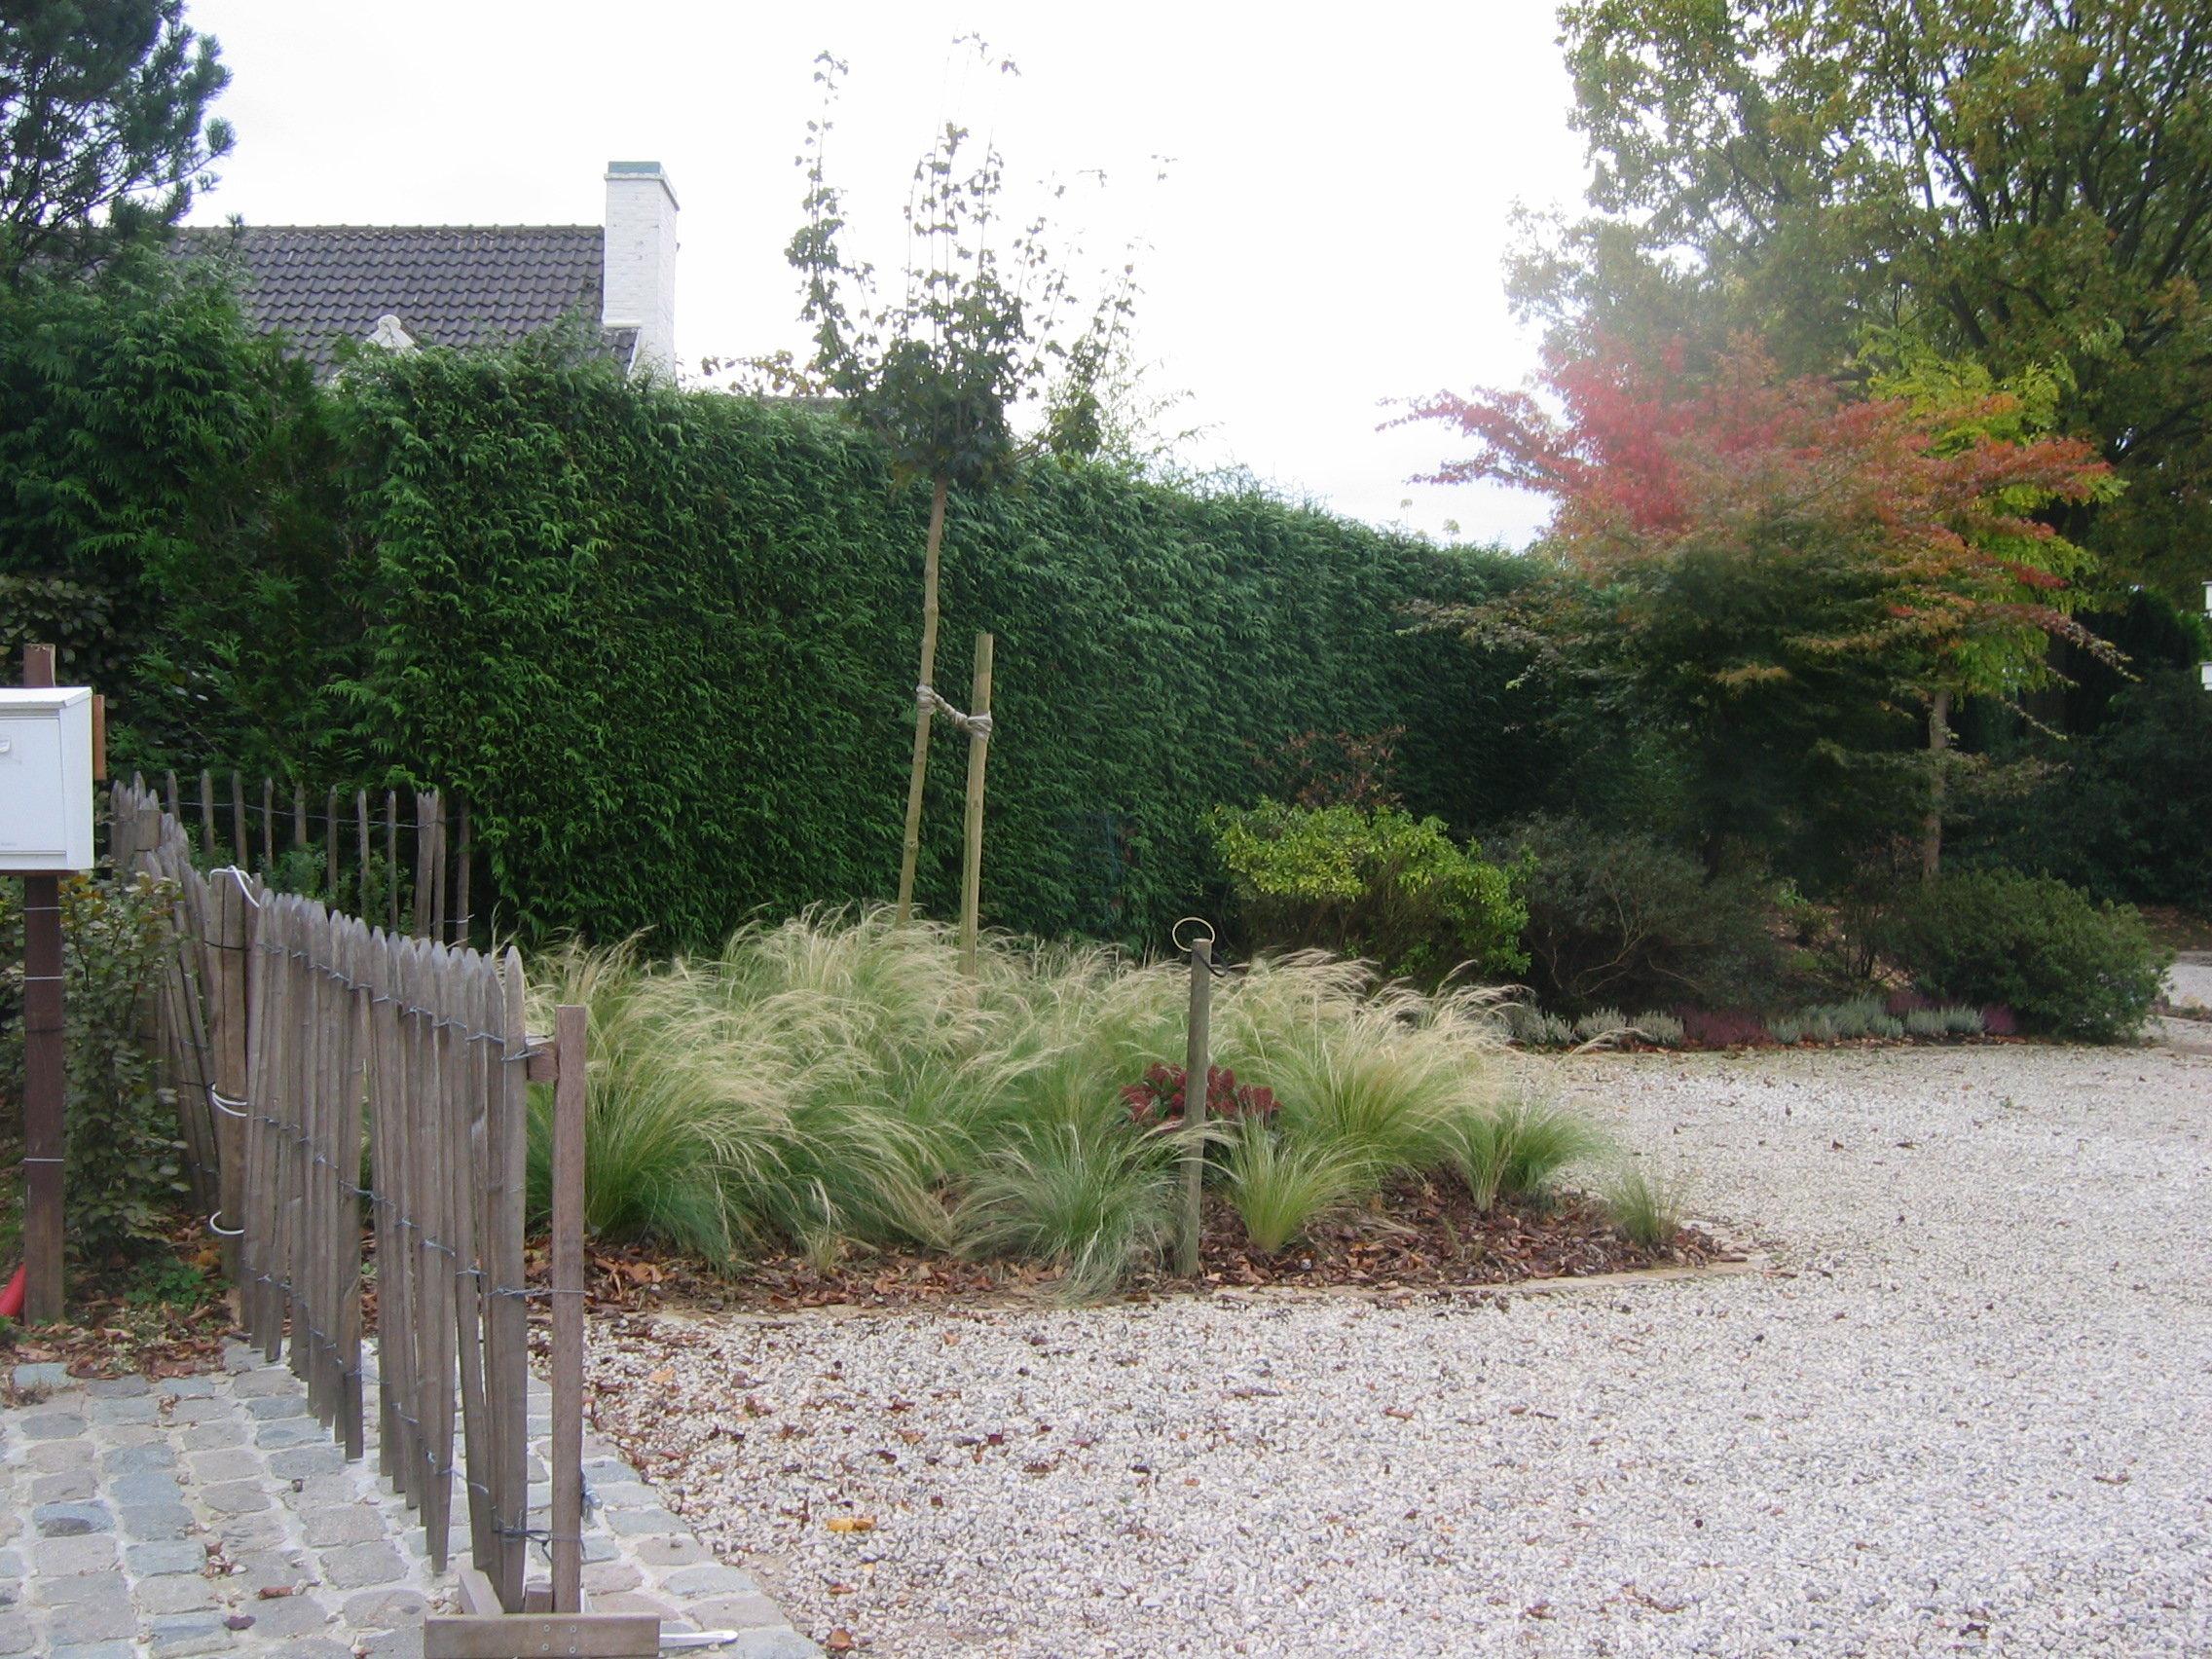 demandez un prix d 39 entretien des vos haies wavre gardens. Black Bedroom Furniture Sets. Home Design Ideas